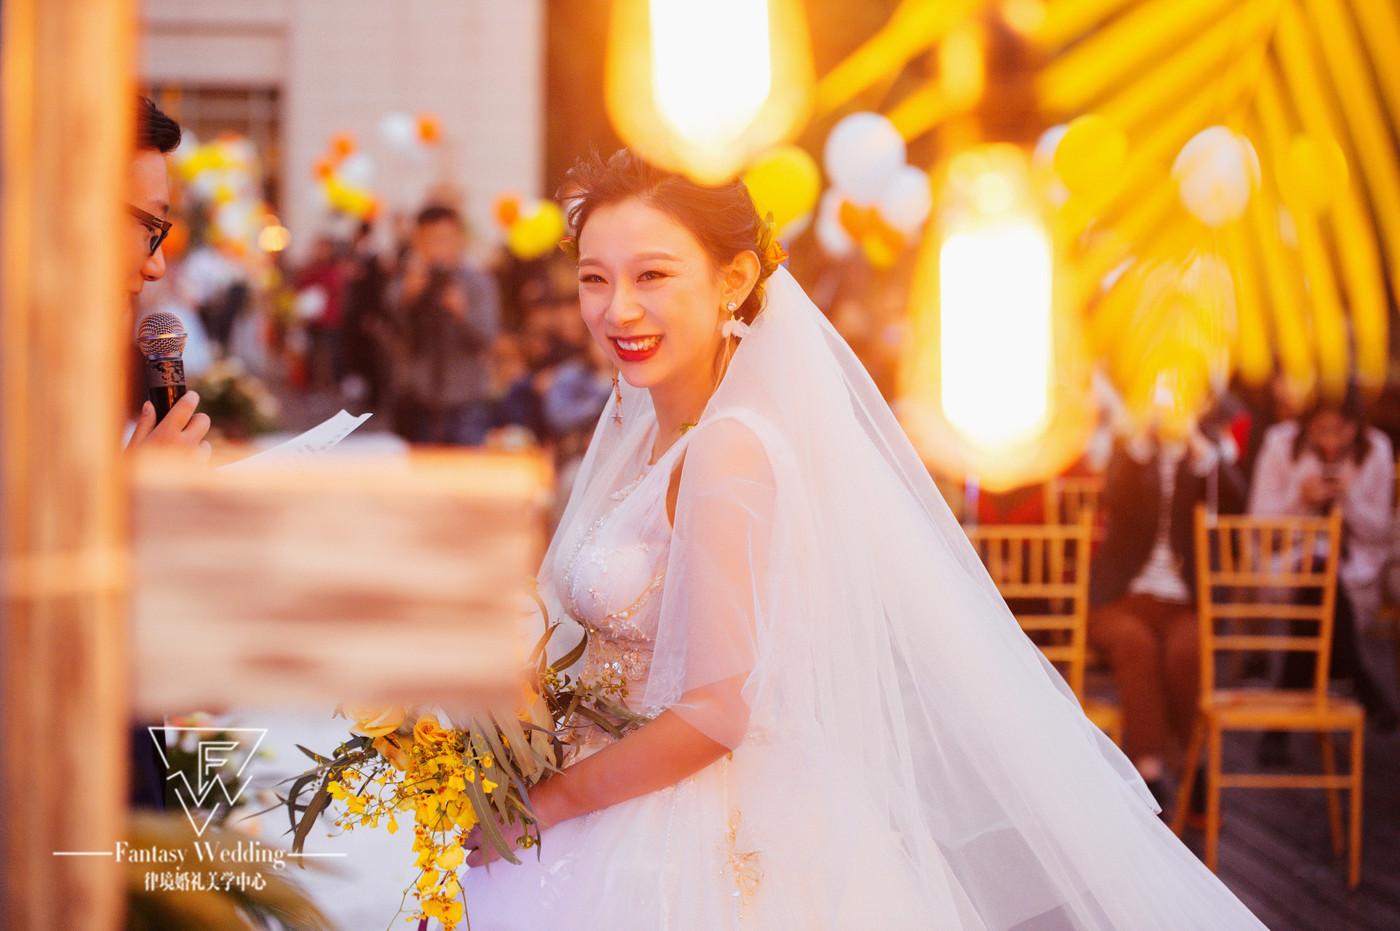 「律境婚礼」 格格^栈桥户外23